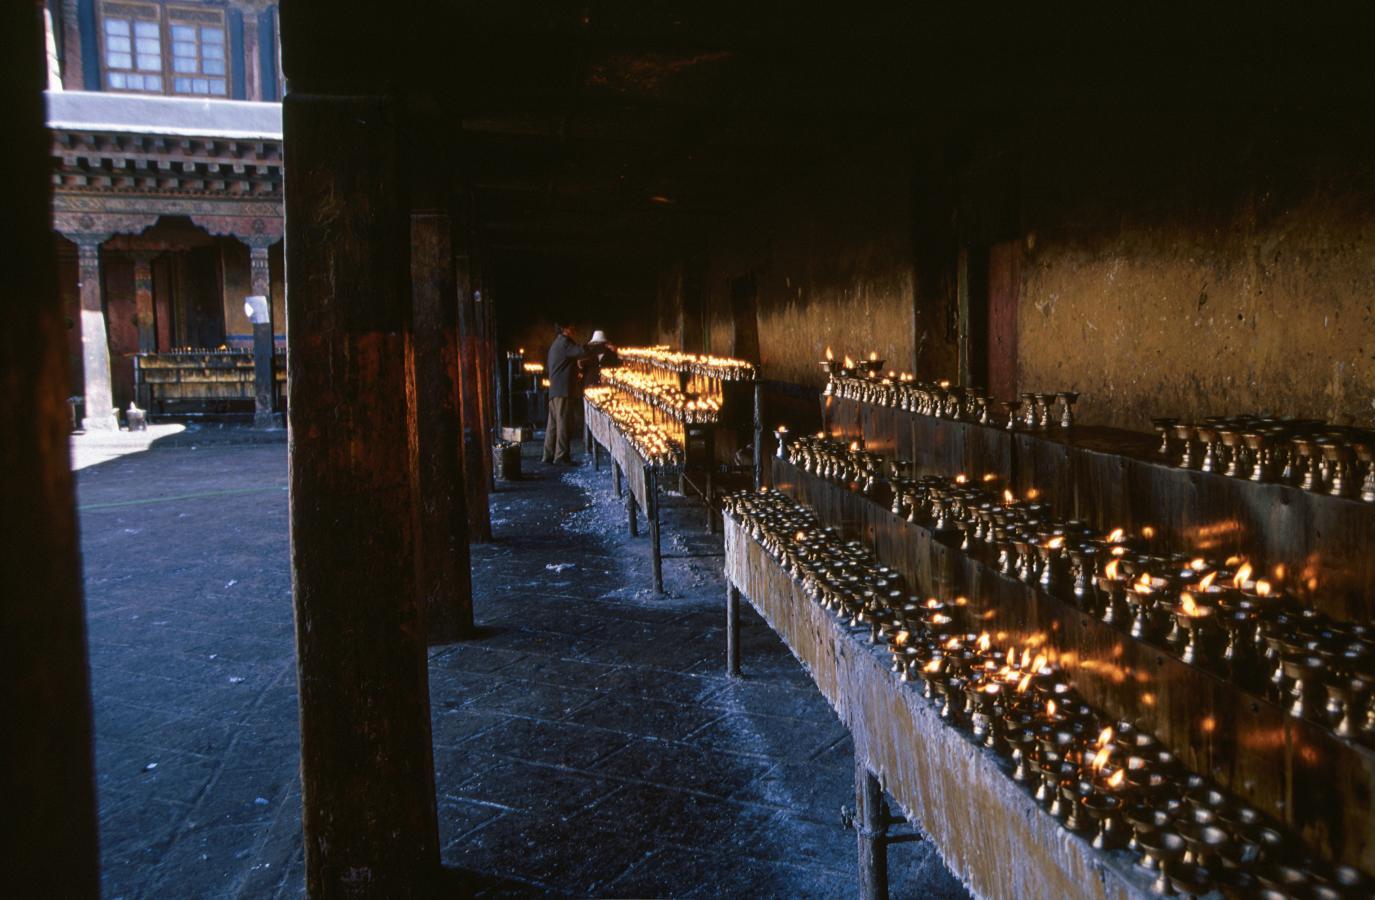 inside-the-jokhang-temple-lhasa-tibet-2000